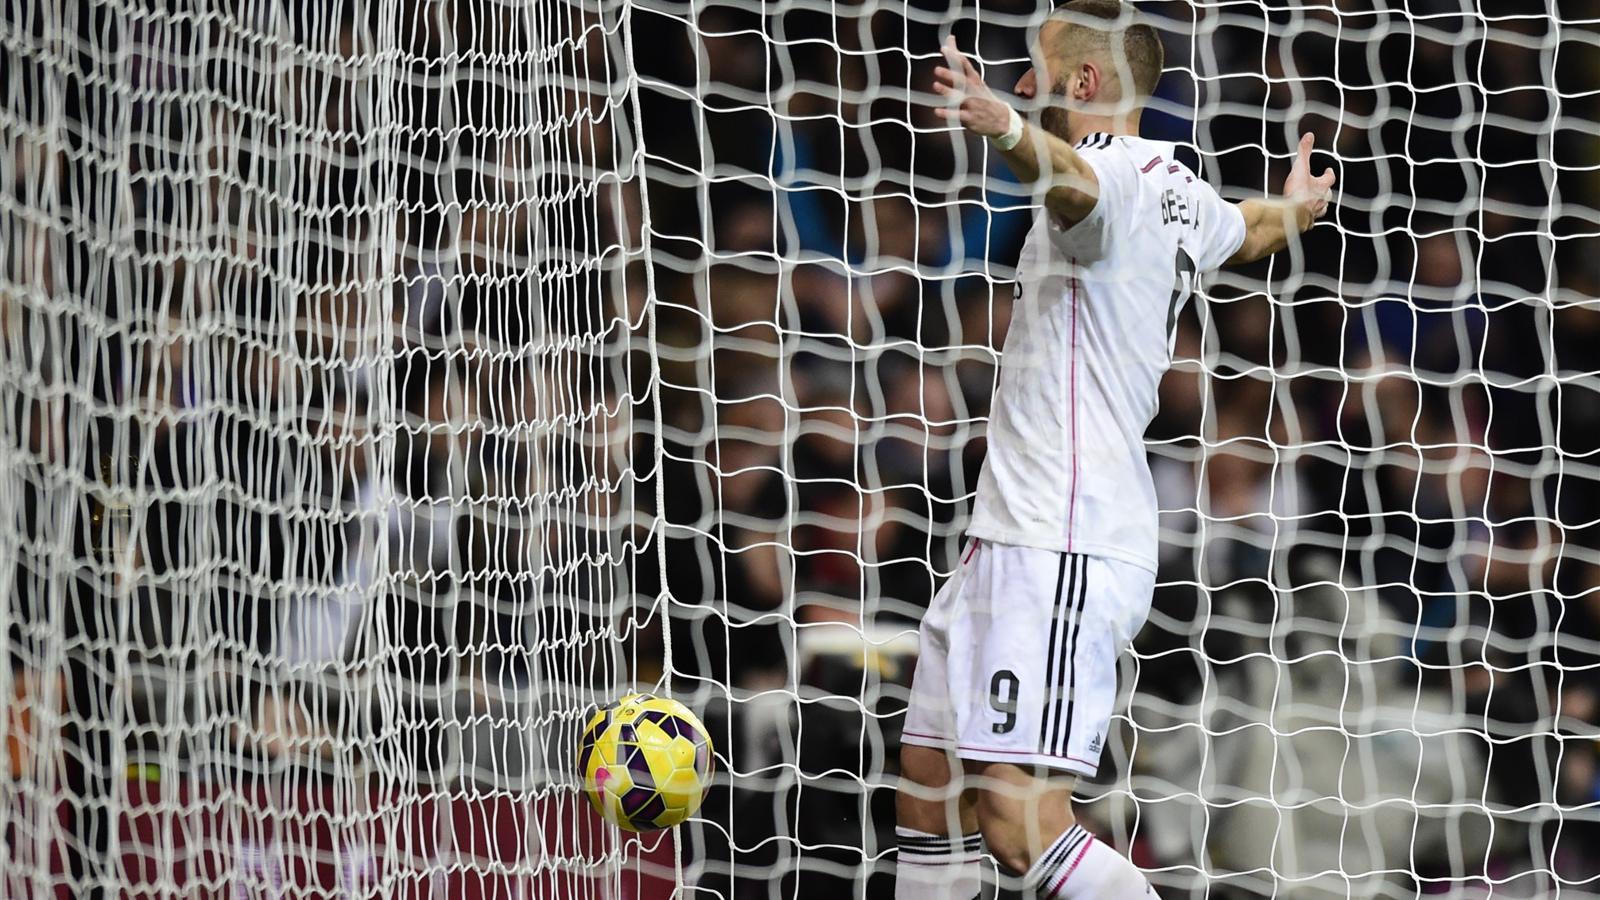 Real Madrid - La Corogne (2-0) : Benzema dépasse Ronaldo et continue d'écrire son histoire au Real